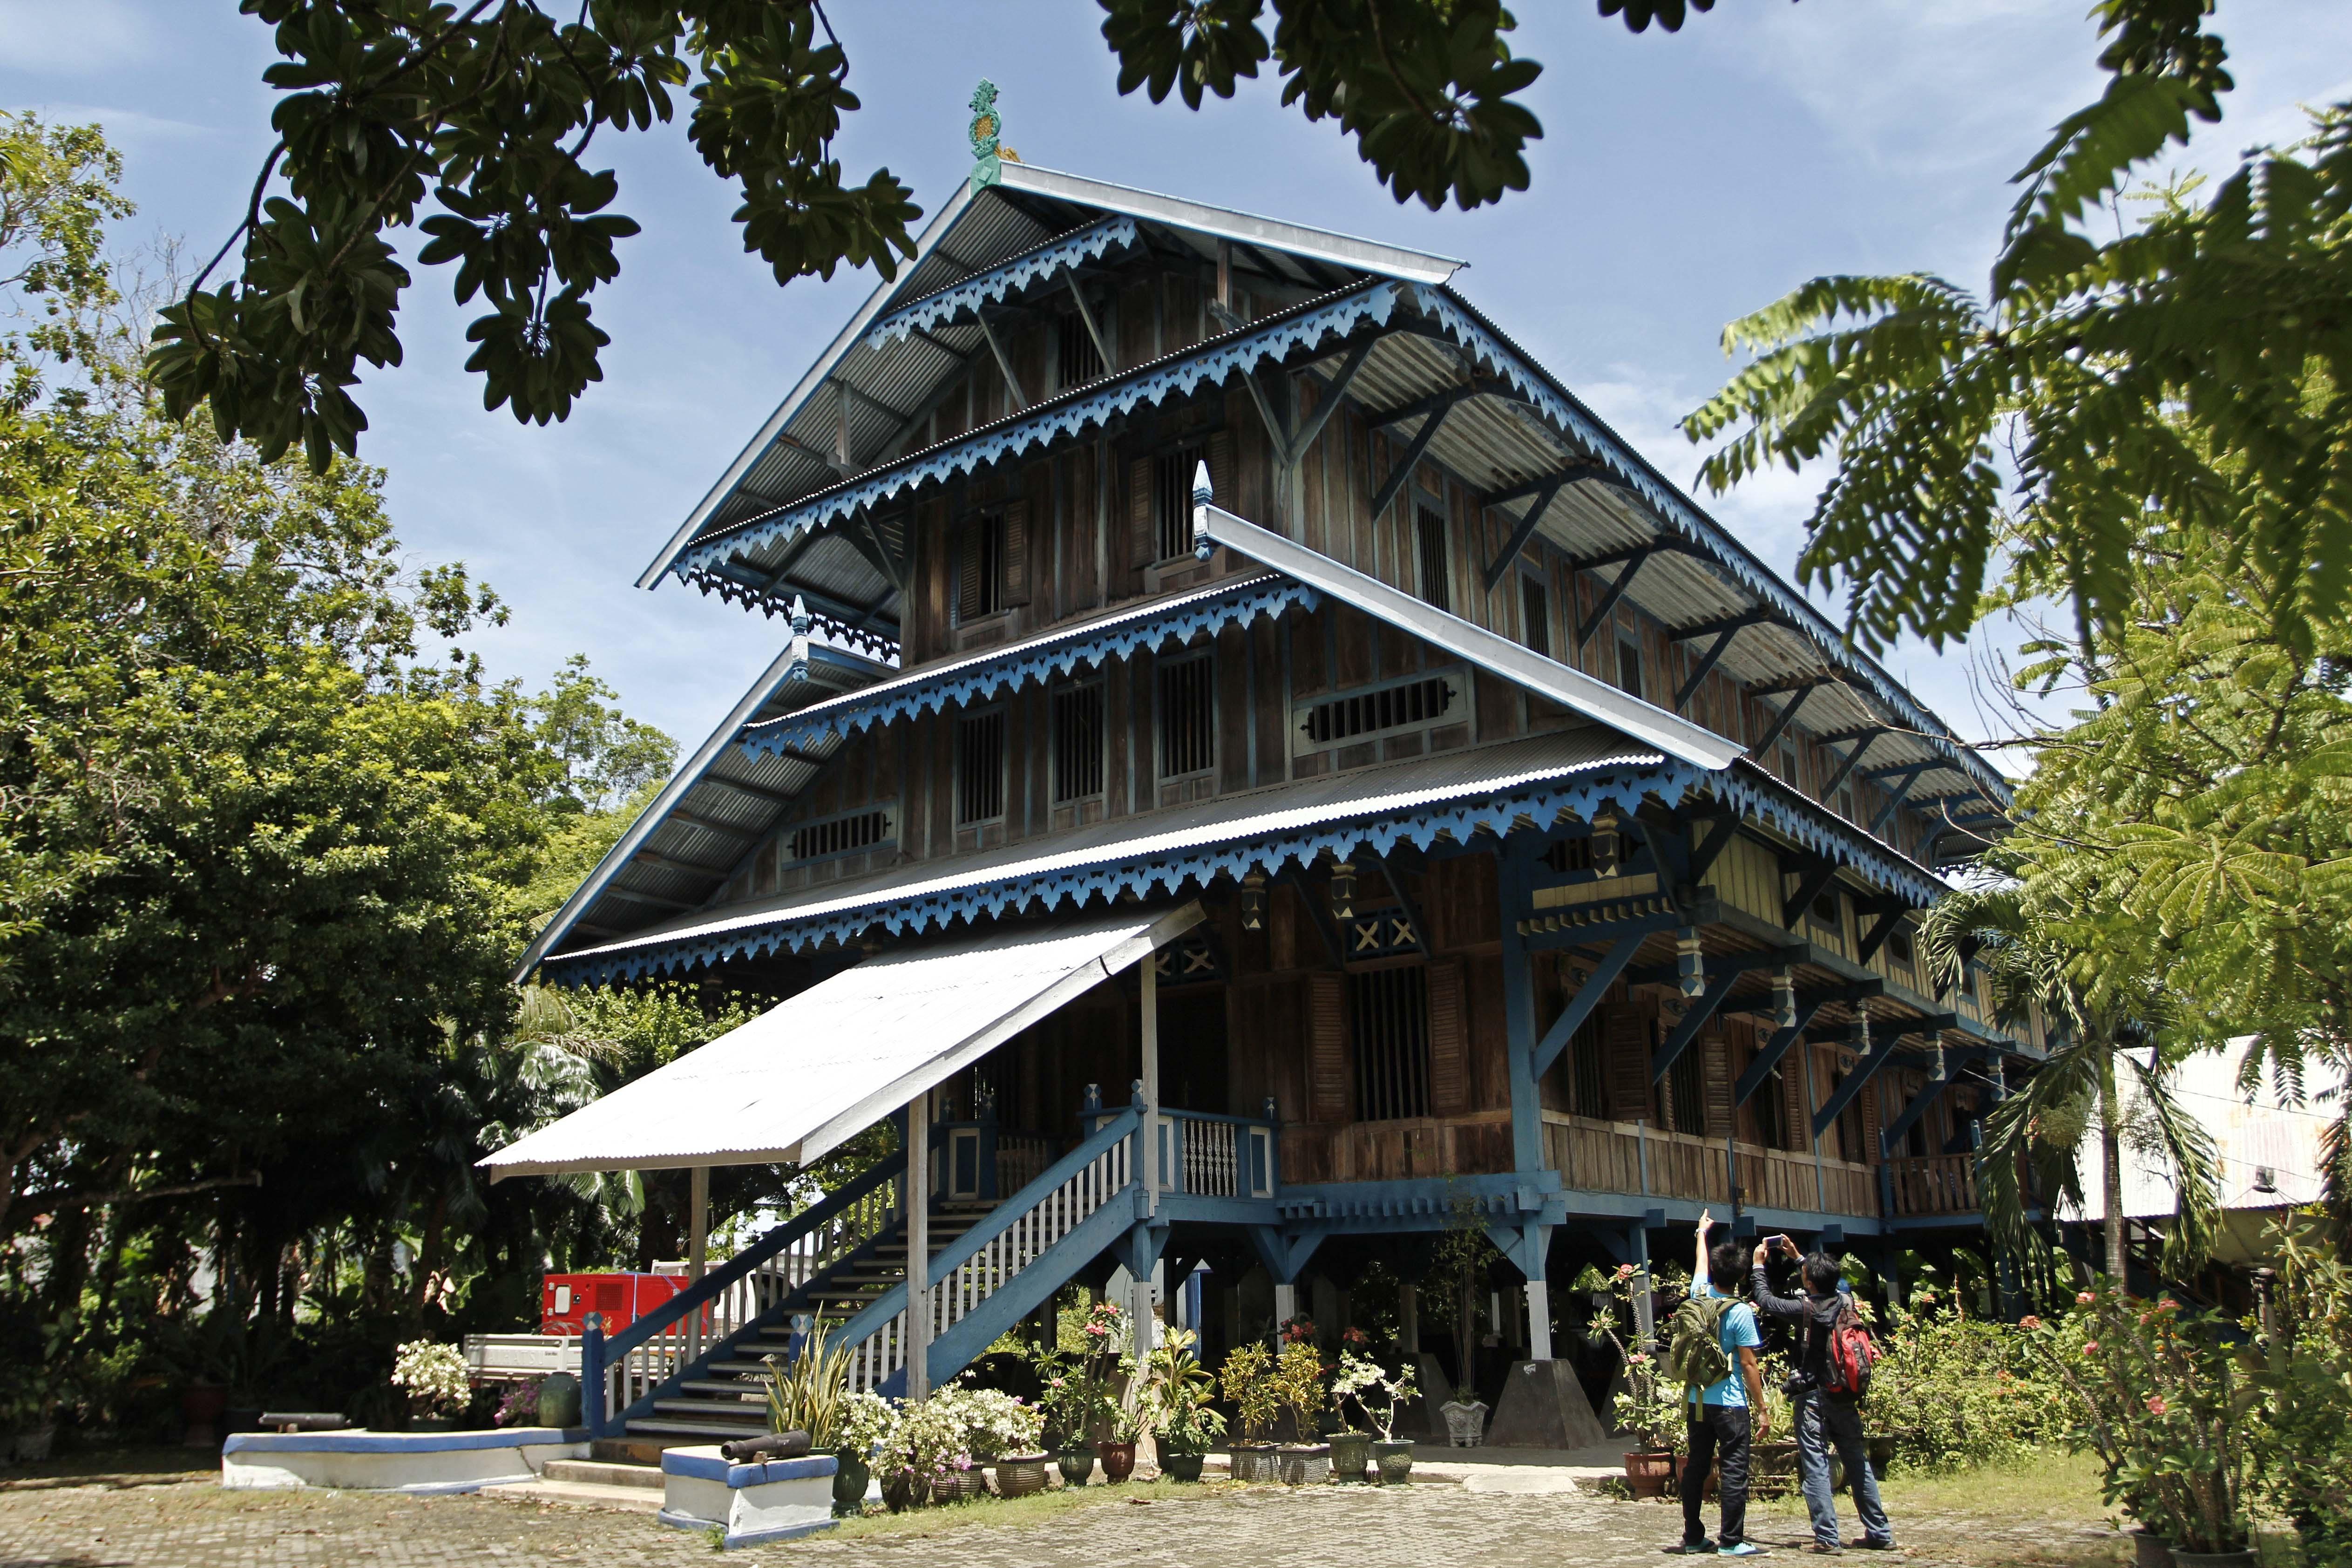 Gambar Rumah Adat Indonesia Keterangan Cerita Center